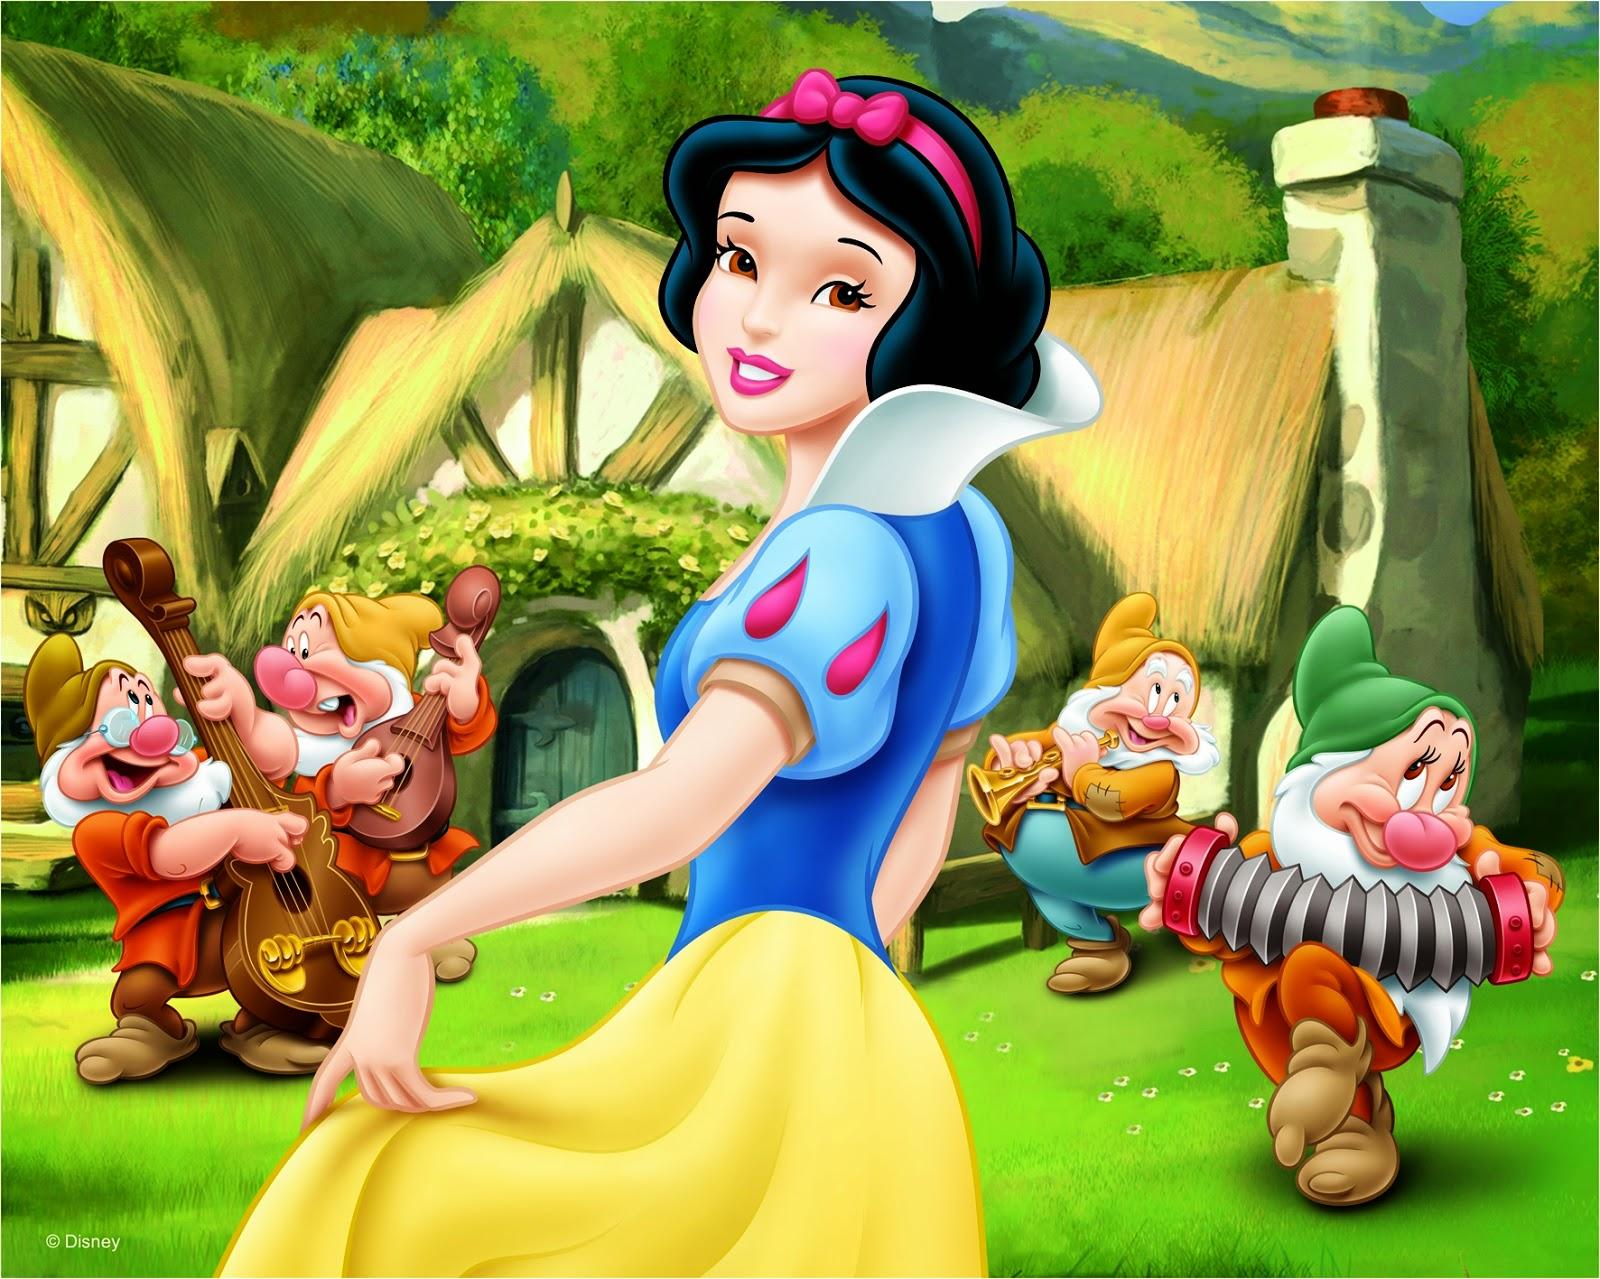 ディズニープリンセス白雪姫 壁紙ディズニーhd 1600x1279 Wallpapertip